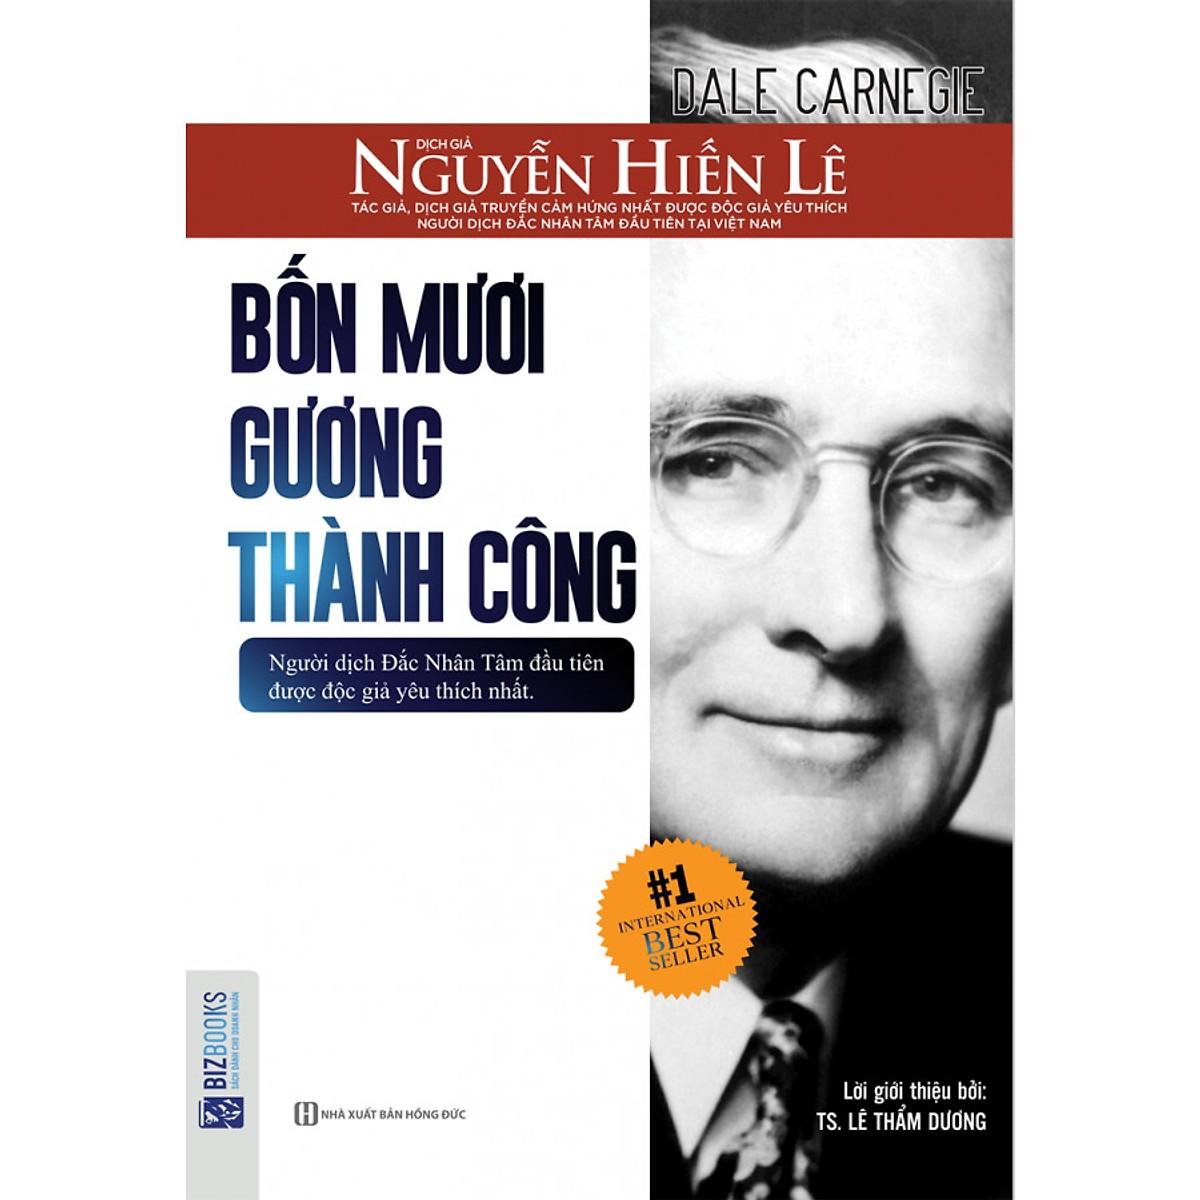 Bốn Mươi Gương Thành Công - Nguyễn Hiến Lê ( tặng kèm Bookmark tuyệt đẹp )